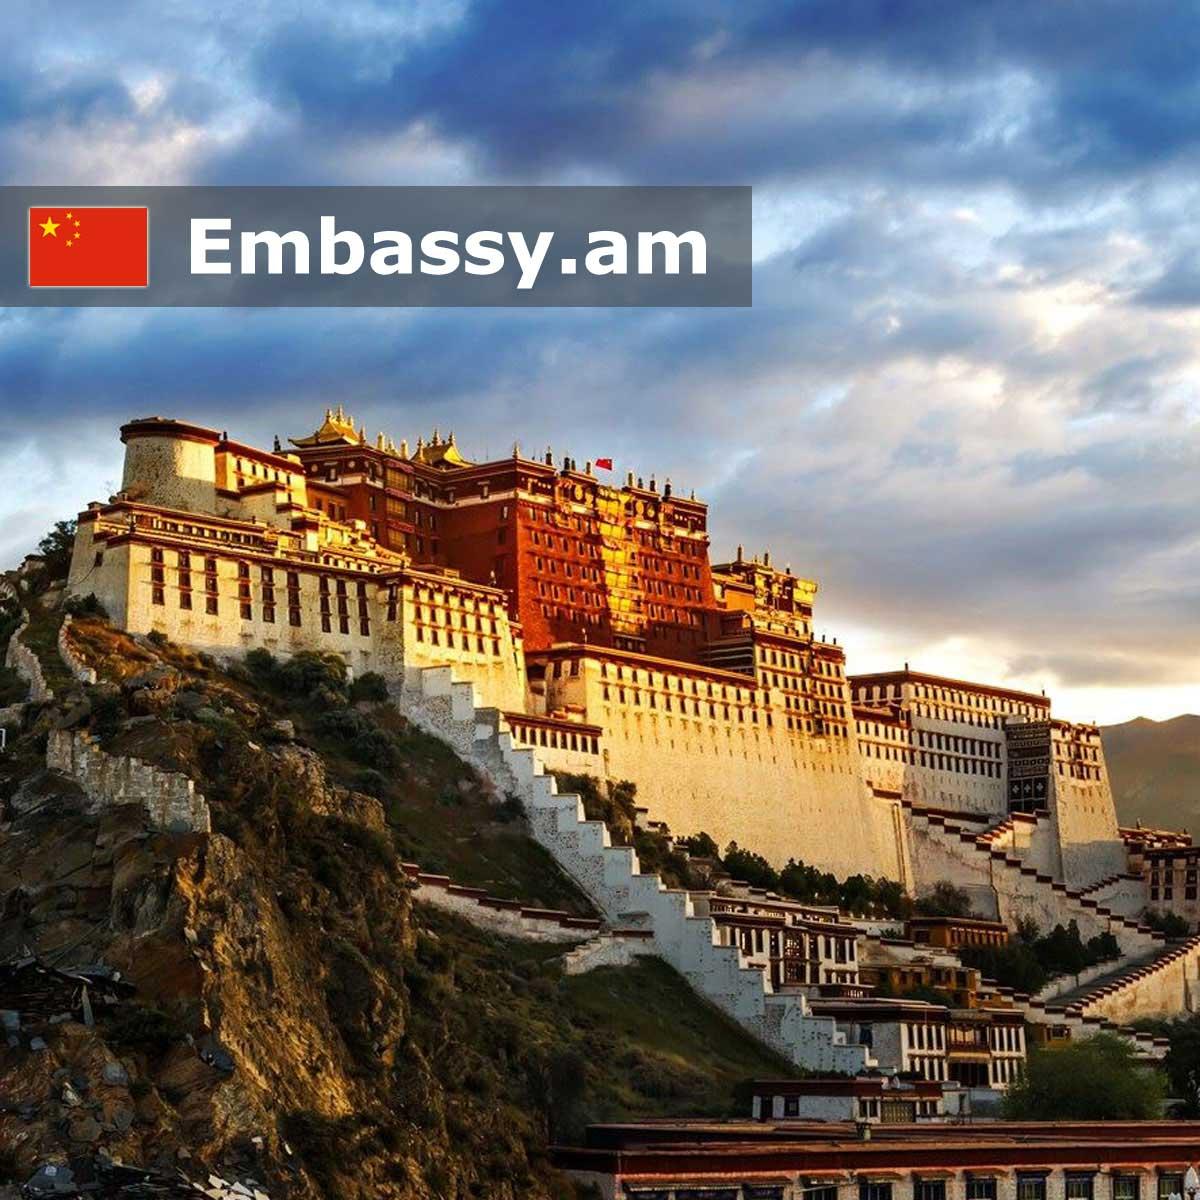 Лхаса - Отели Китая - Embassy.am